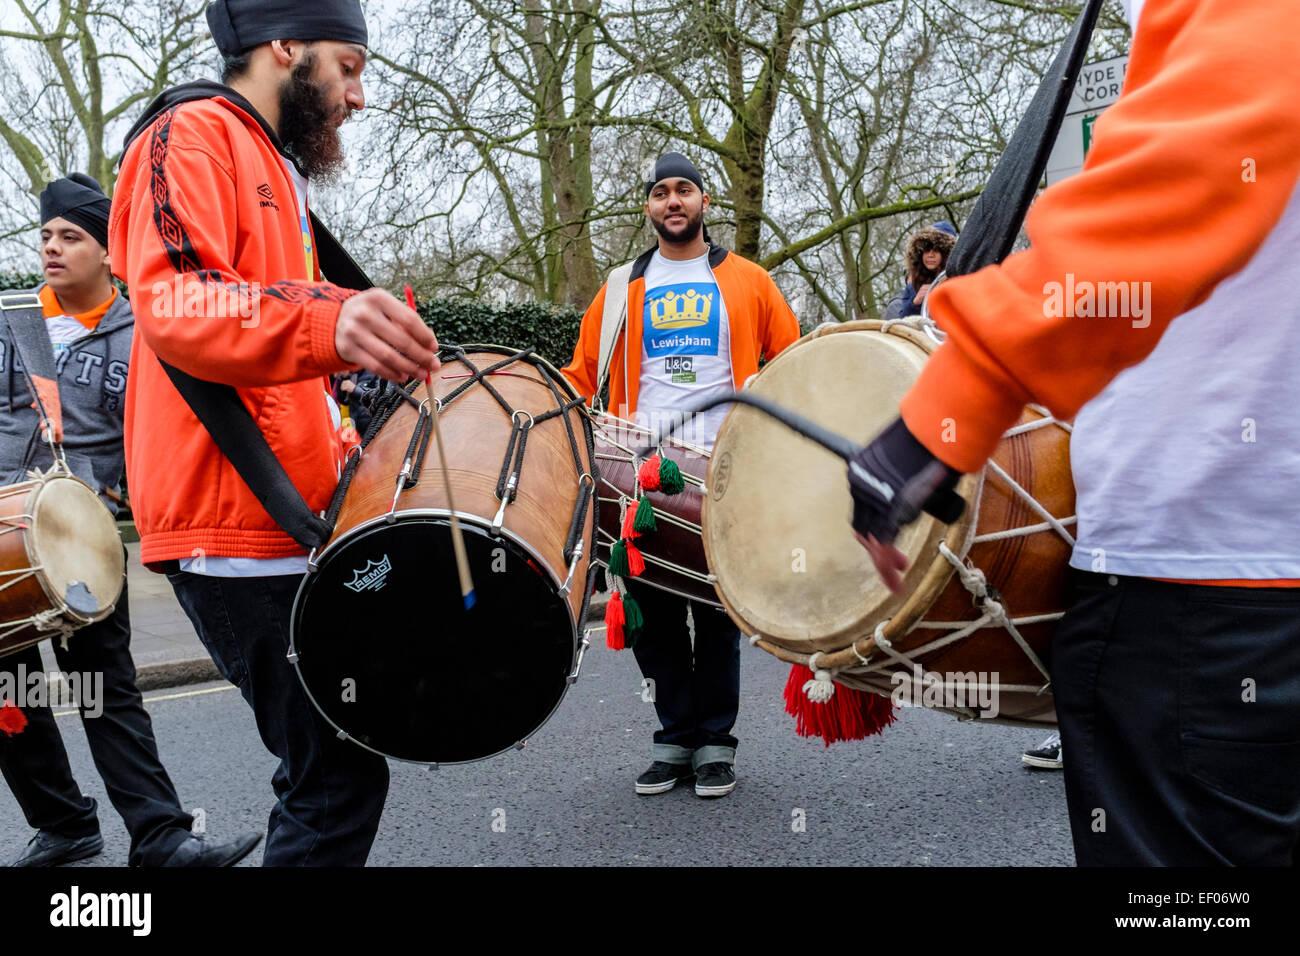 Trommler repräsentieren die Borough of Lewisham Vorbereitung zur Teilnahme an London 2015 New Year's Day Stockbild